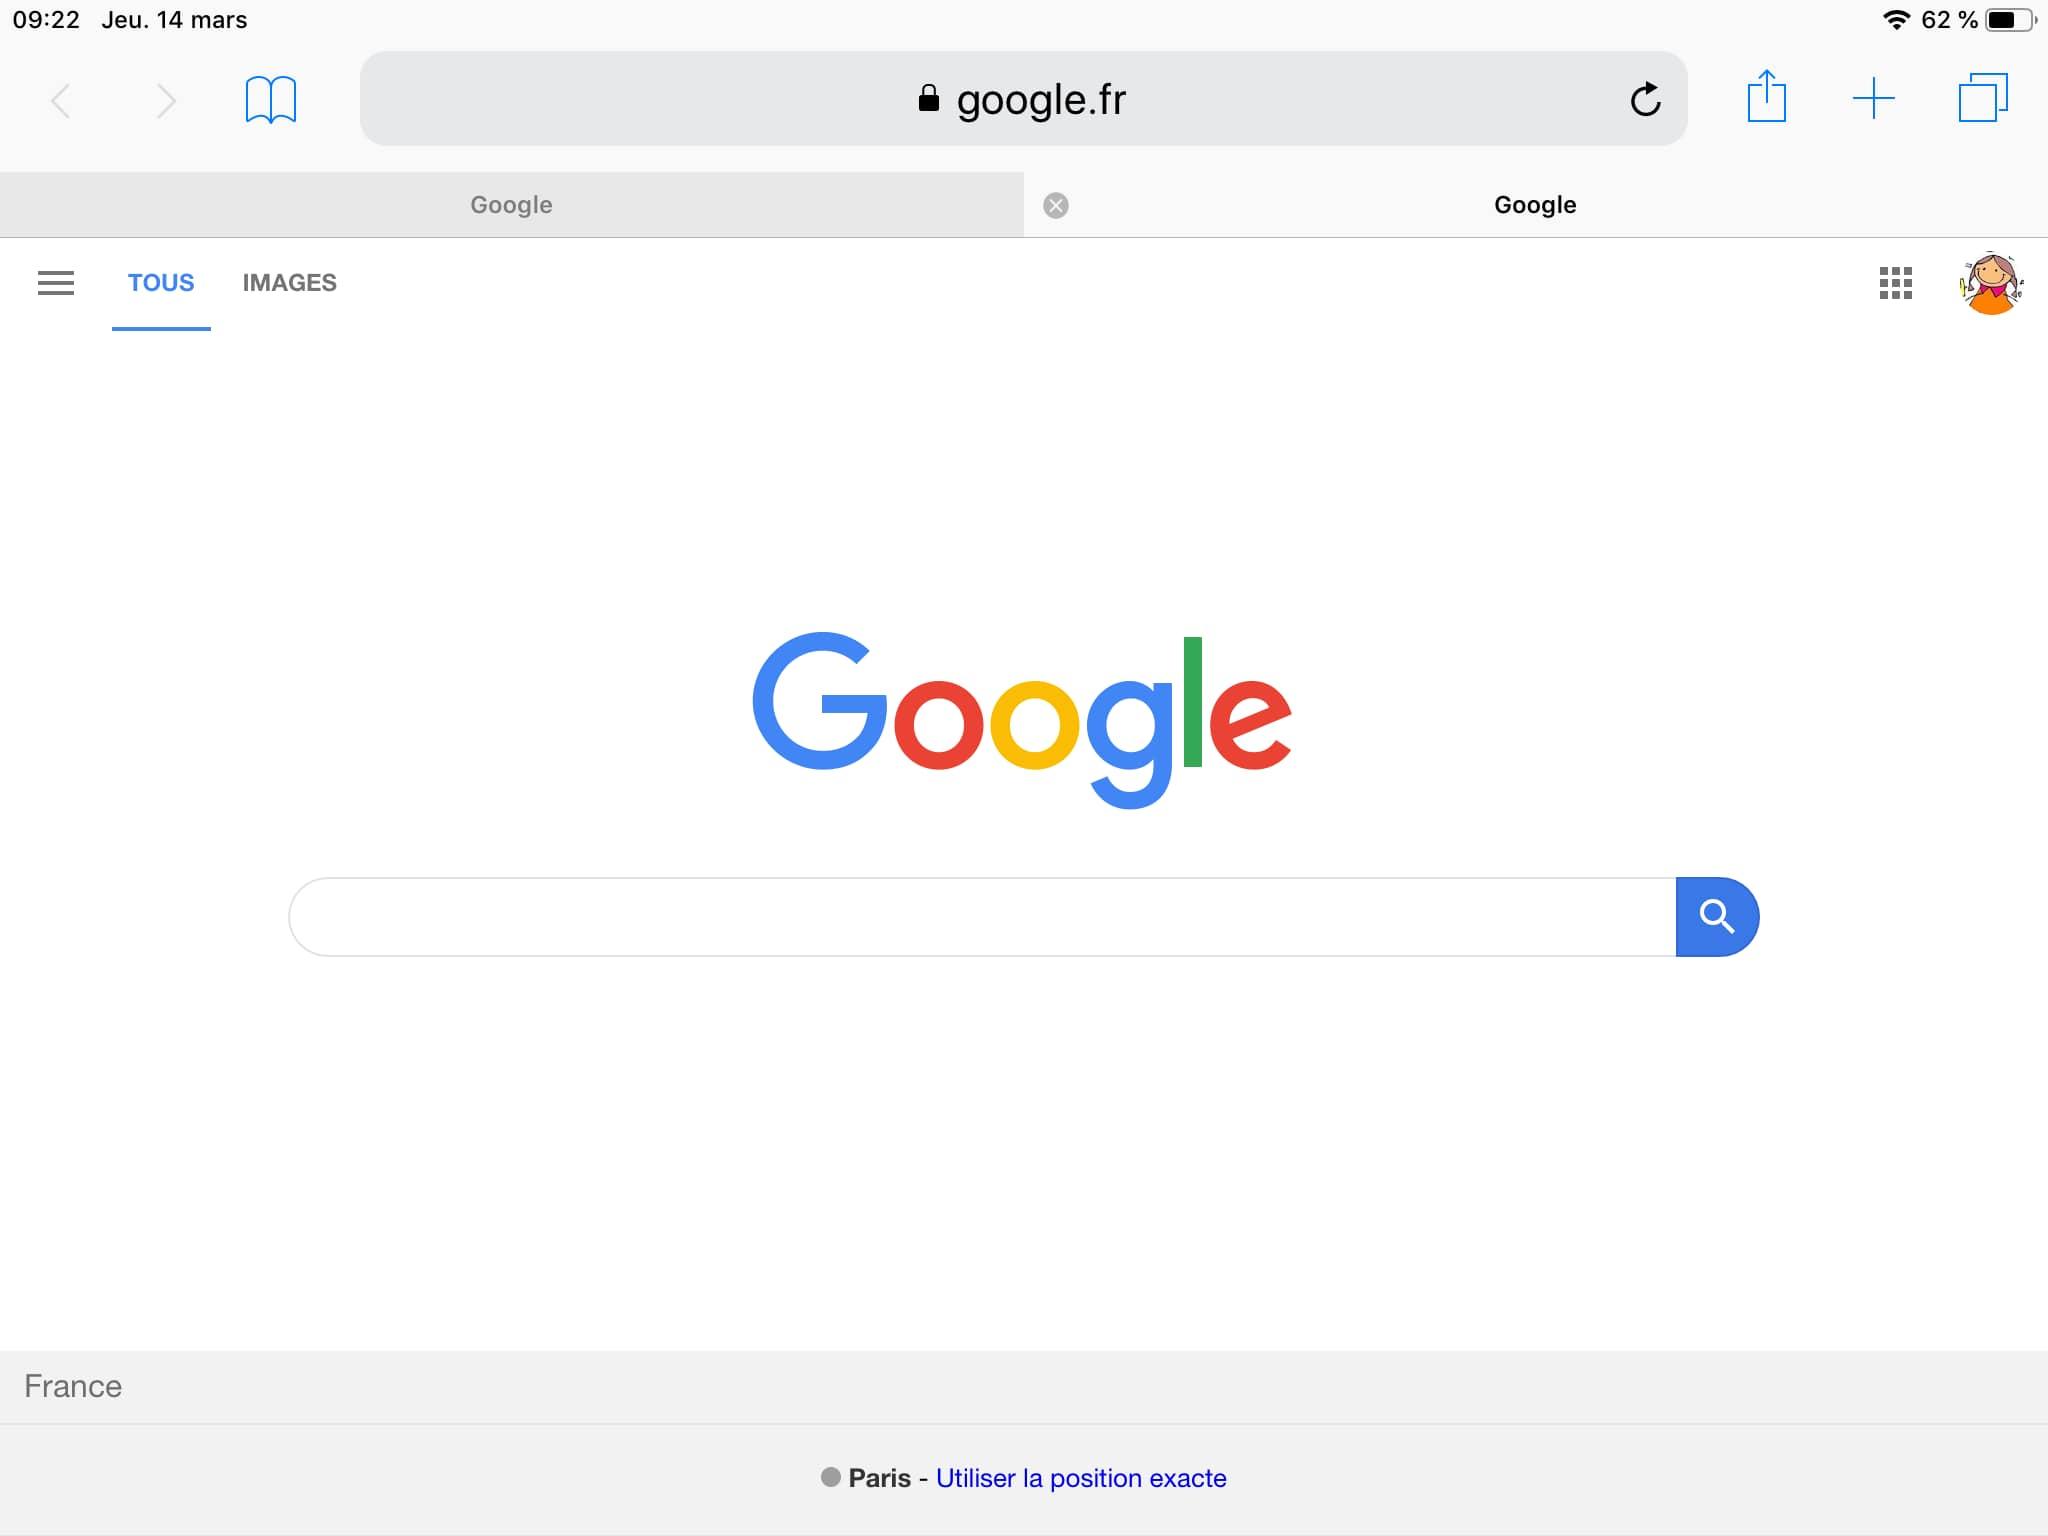 Capture d'écran de la page Google